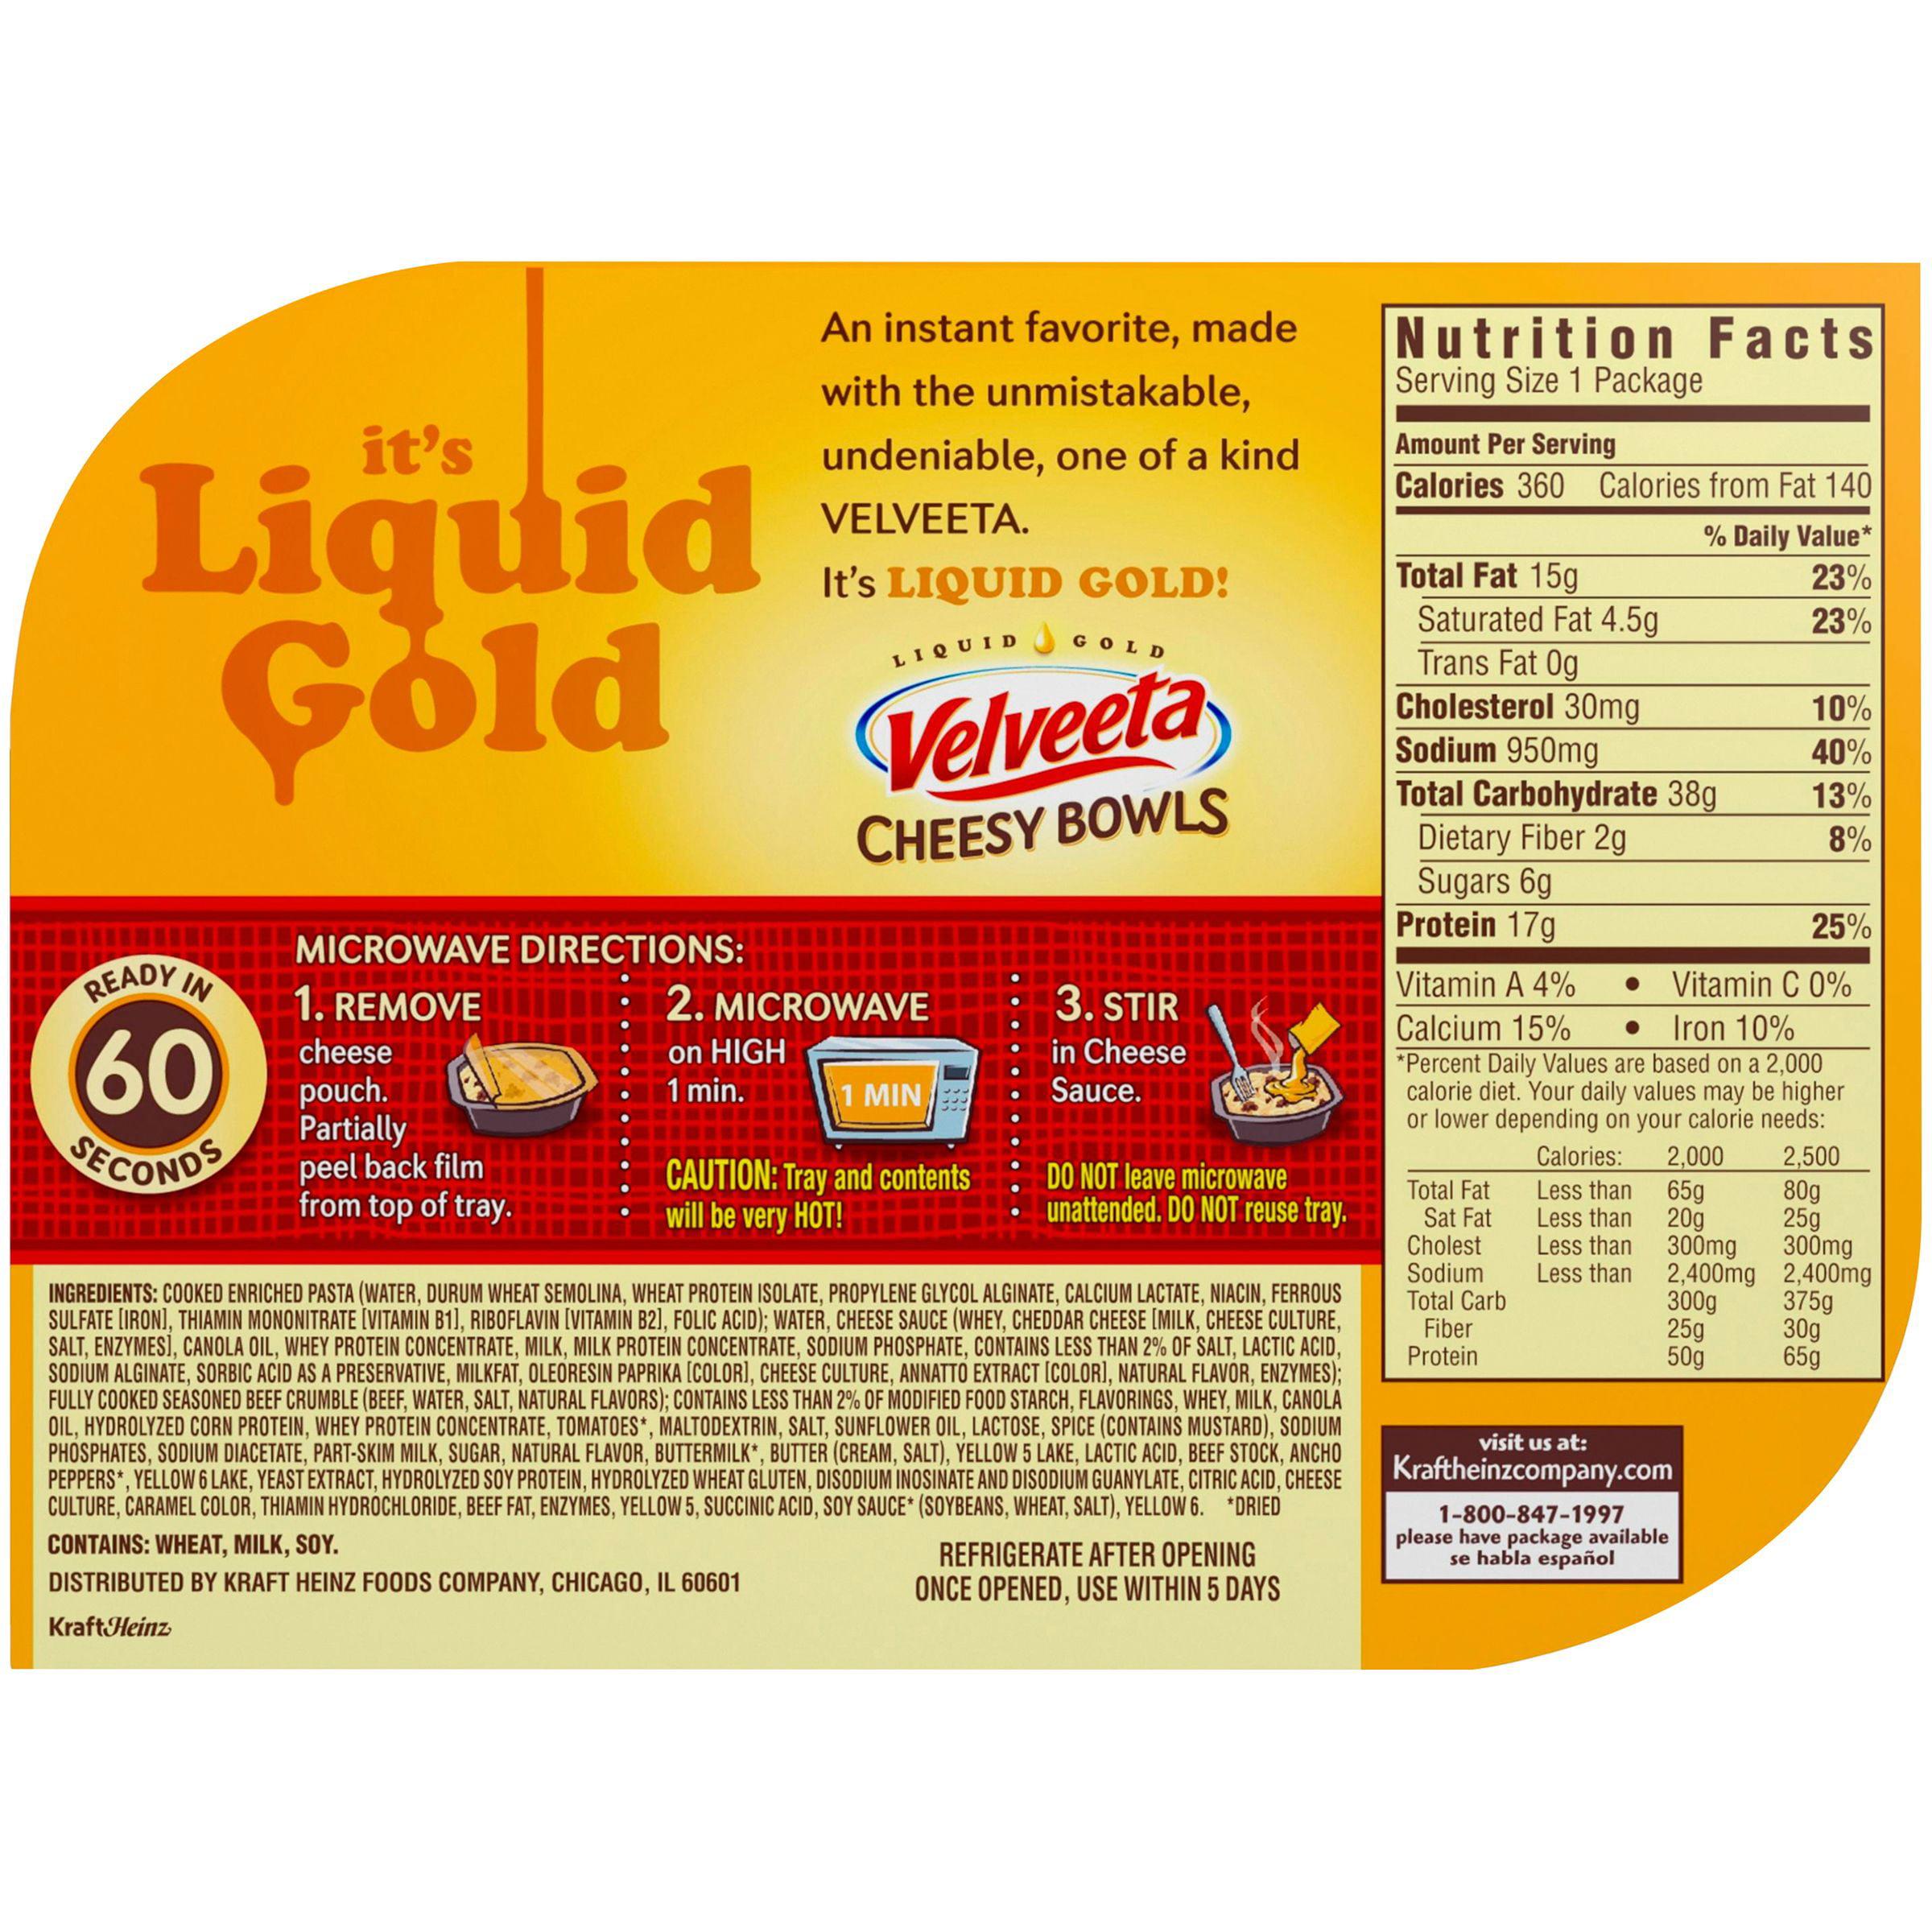 Velveeta Cheese Ingredients Label - Ythoreccio